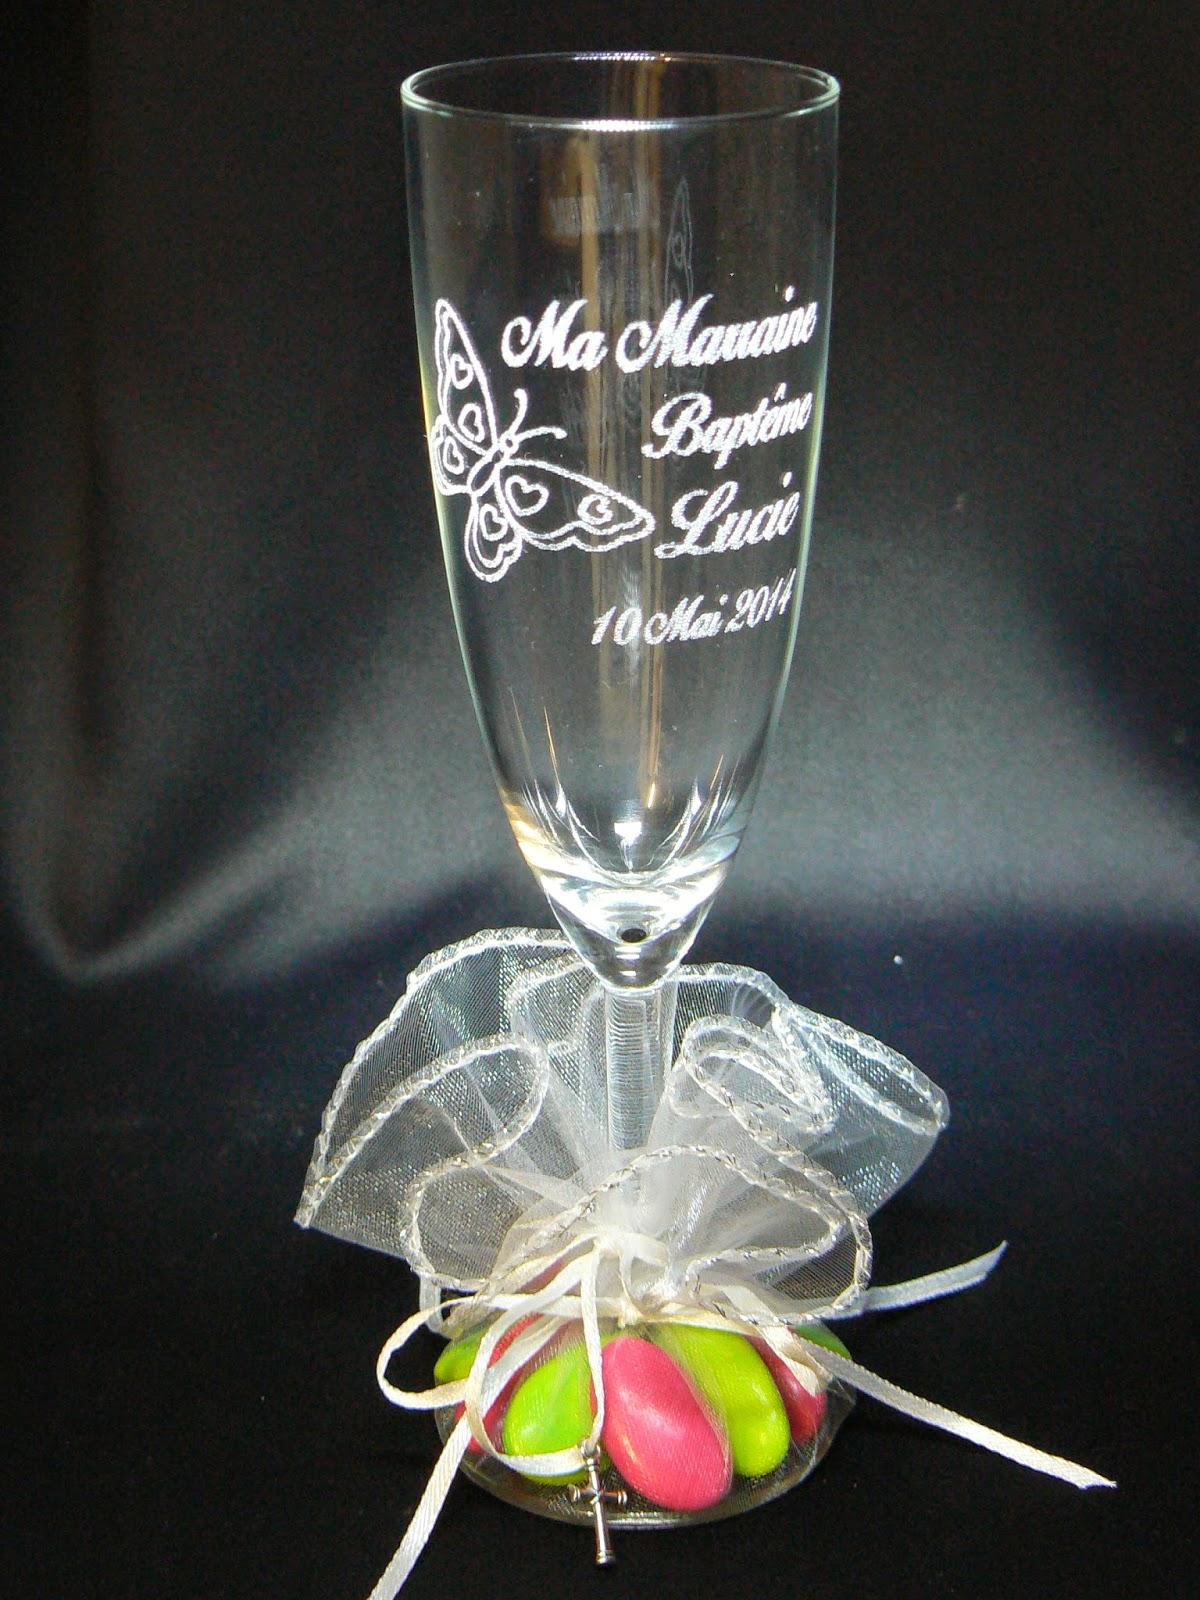 Gravures Sur Verre dedans gravure sur verre,1.48€ verre gravé,flute gravée,mariage,bapteme